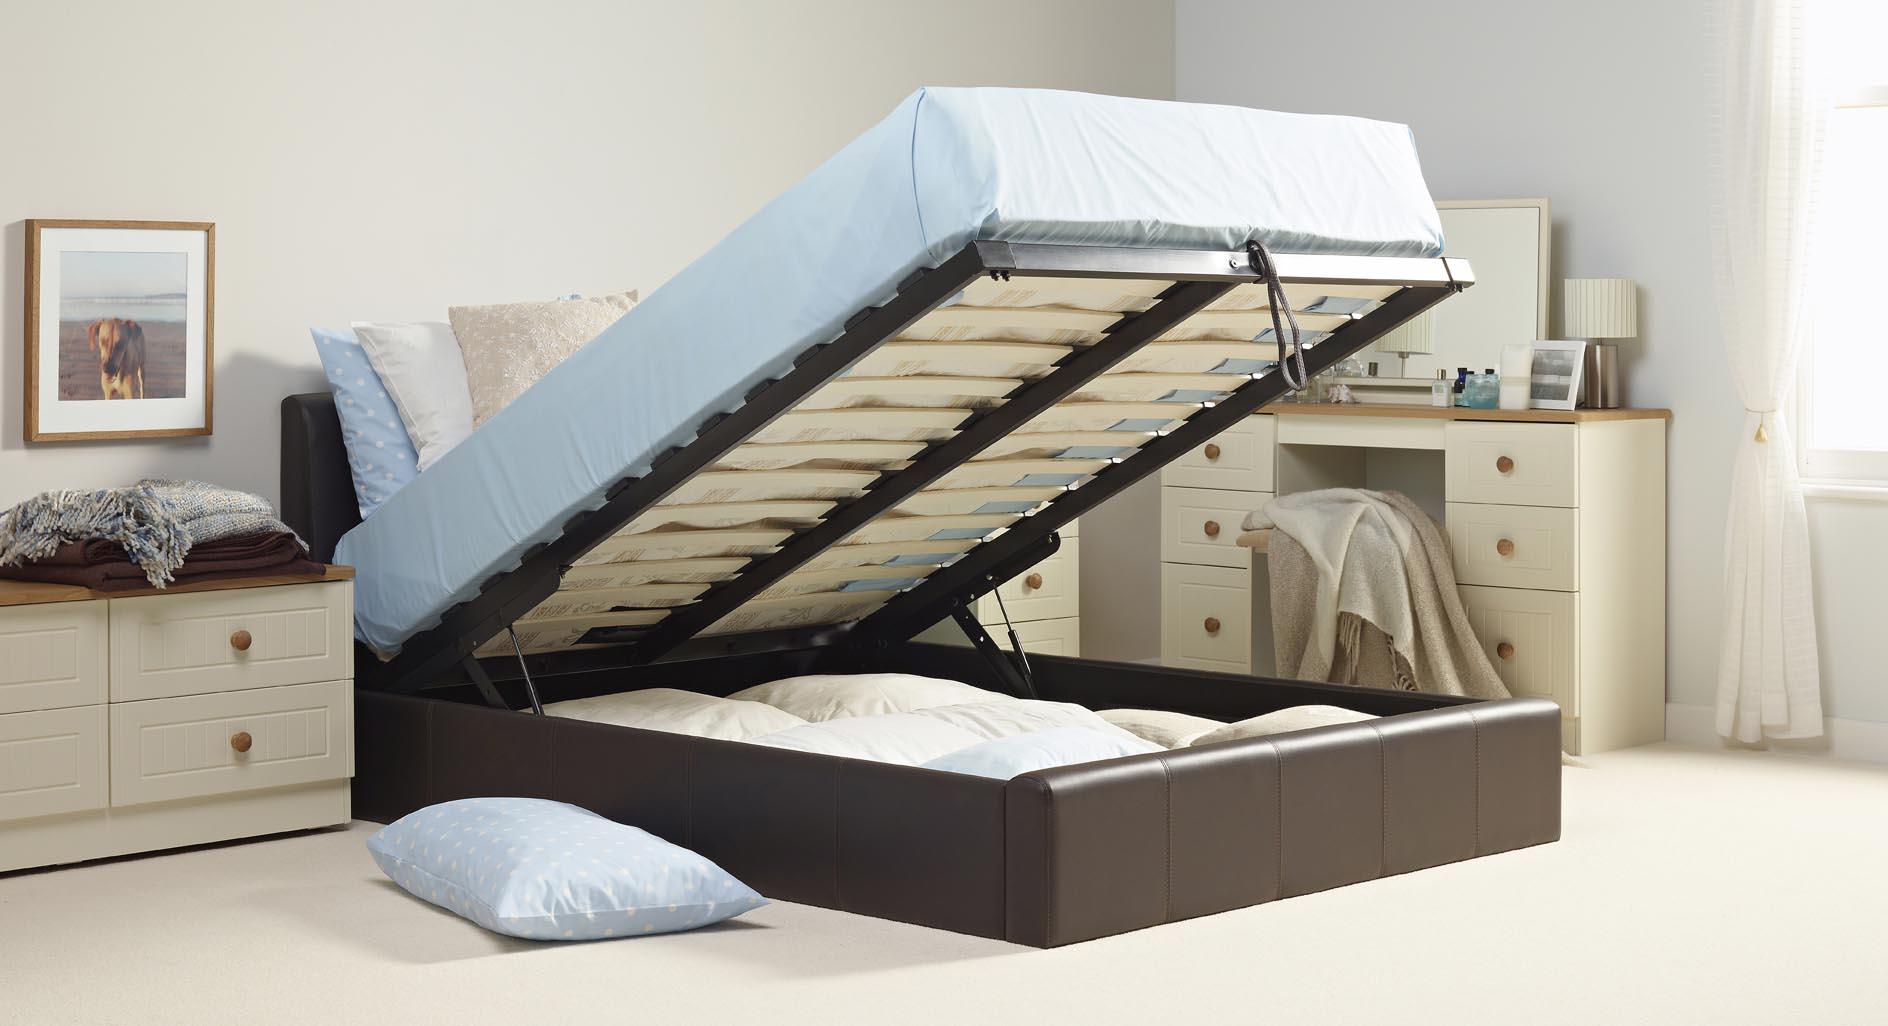 underbed-storage-solution